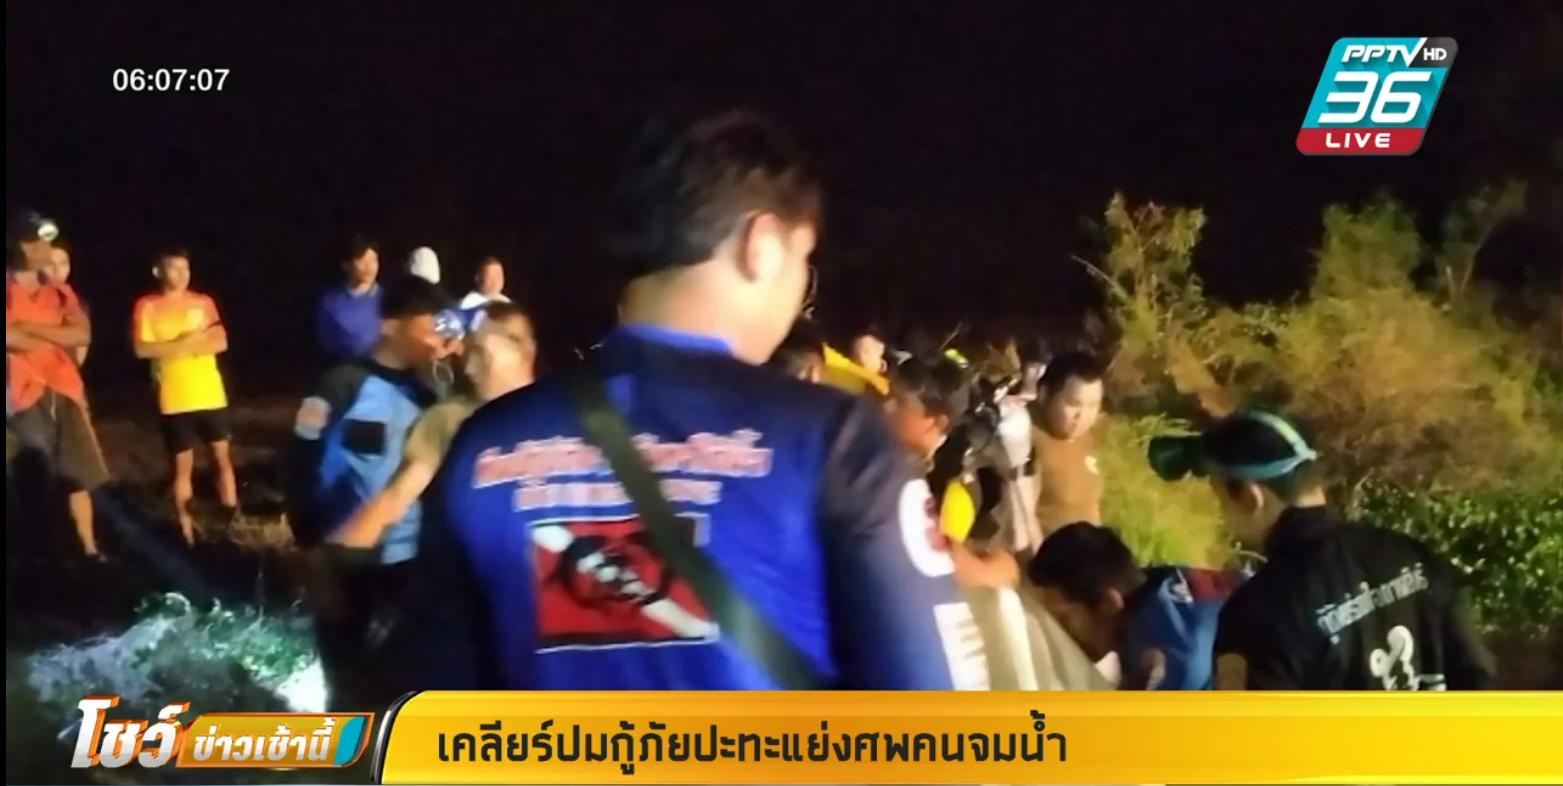 2 กู้ภัย หวิดวางมวย-โพสต์ข่มขู่ เหตุแย่งศพคนจมน้ำ